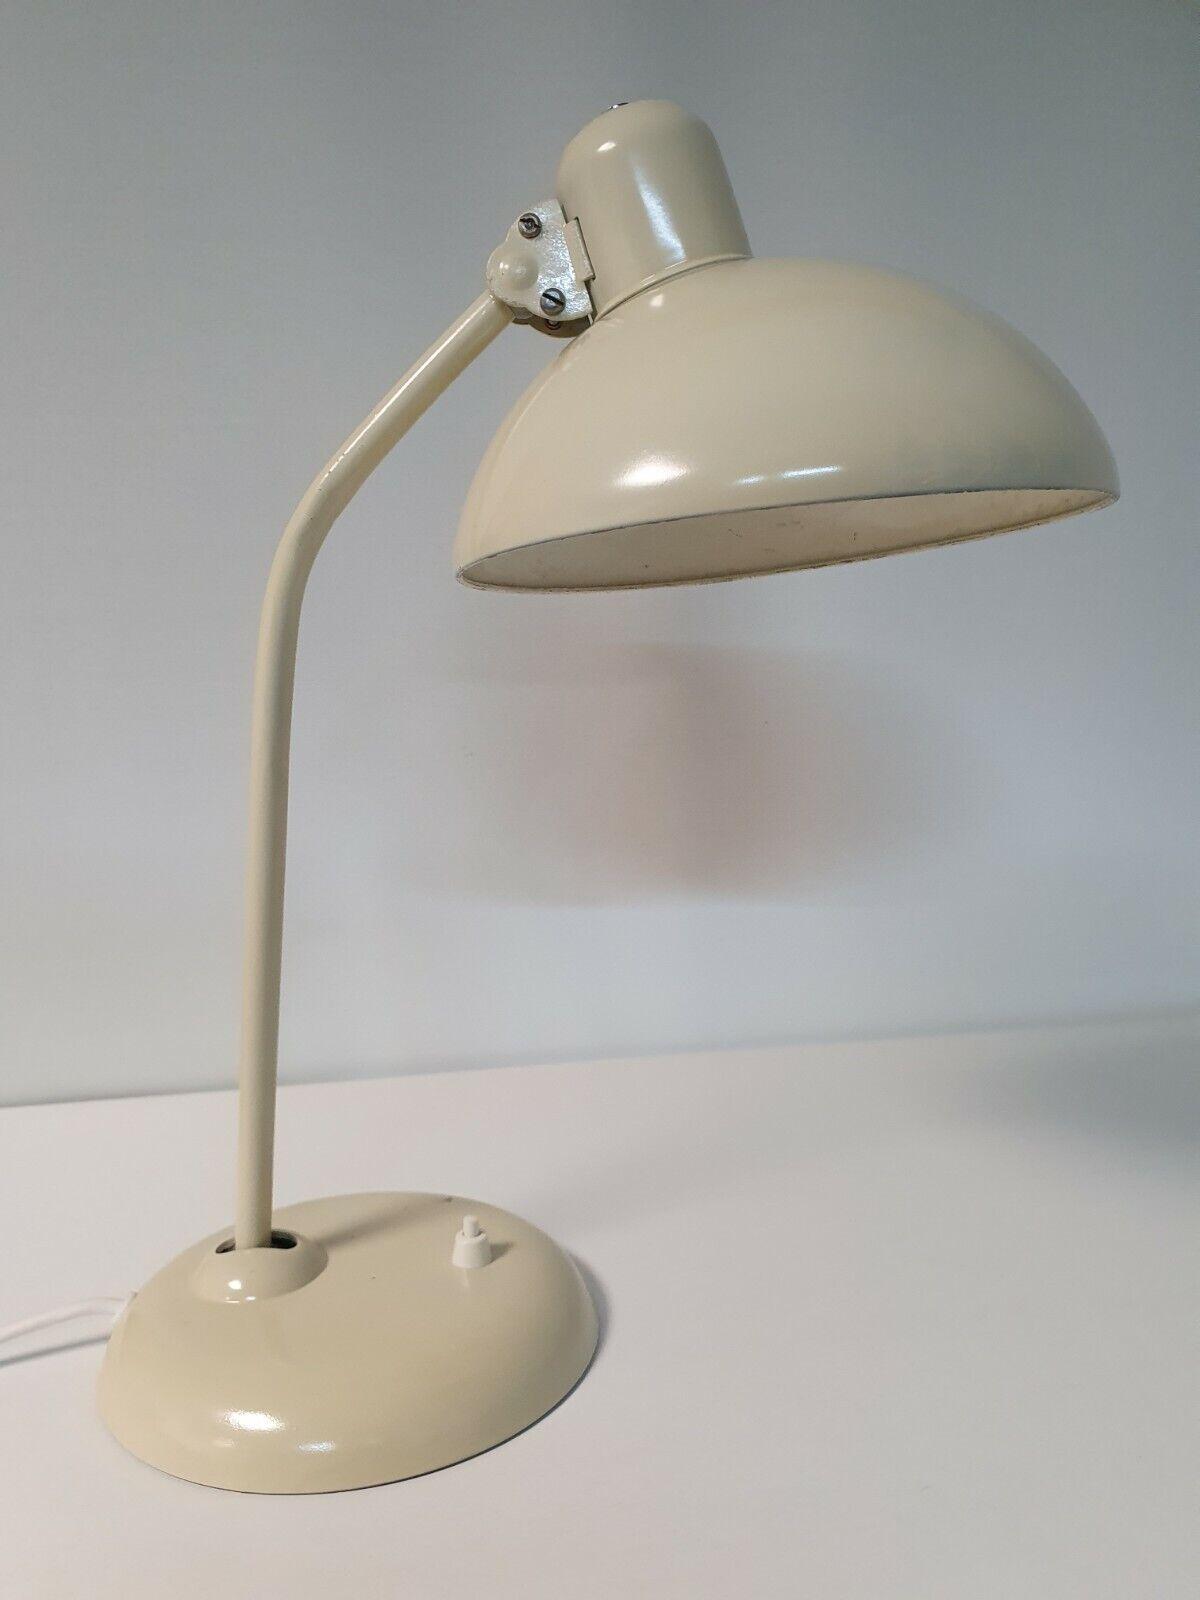 Kaiser Idell Werkstattlampe alte Tischlampe Original 6556T Schreibtischlampe